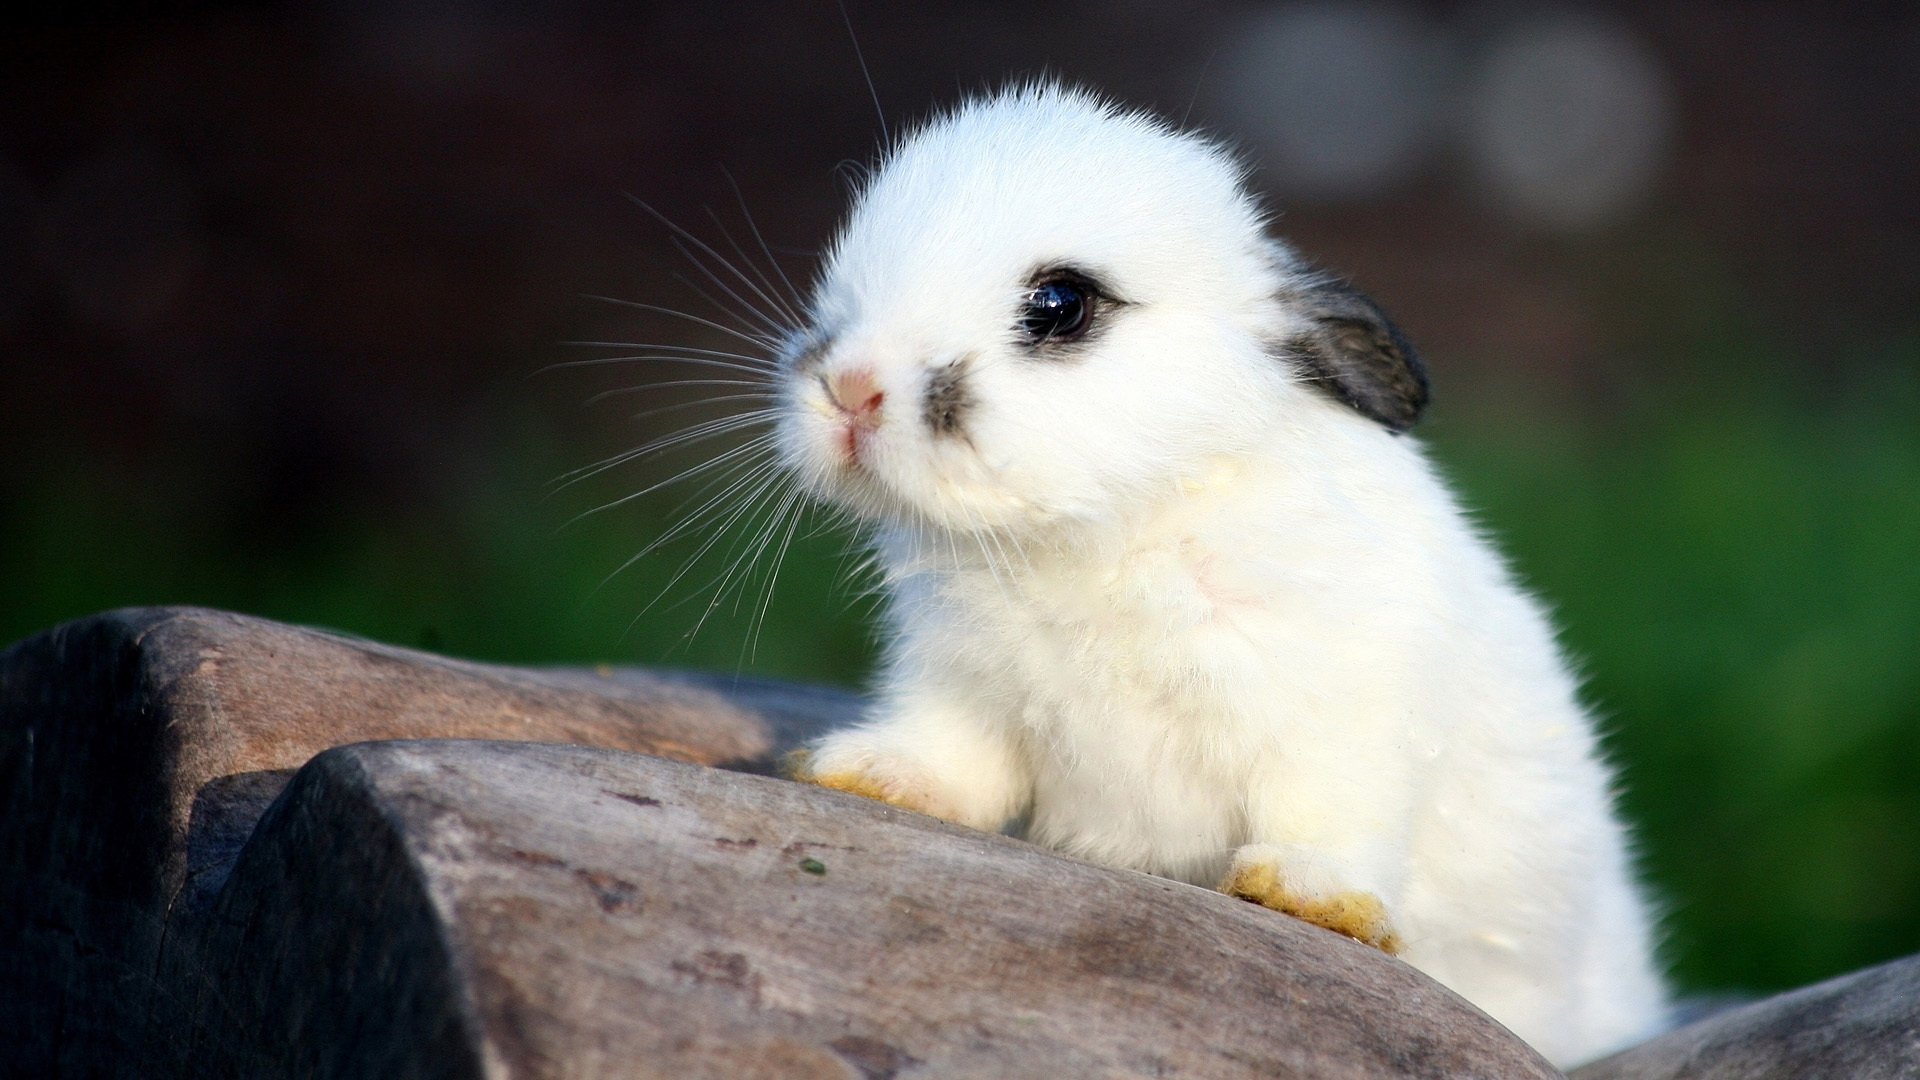 46752 Hintergrundbild herunterladen Kaninchen, Tiere - Bildschirmschoner und Bilder kostenlos